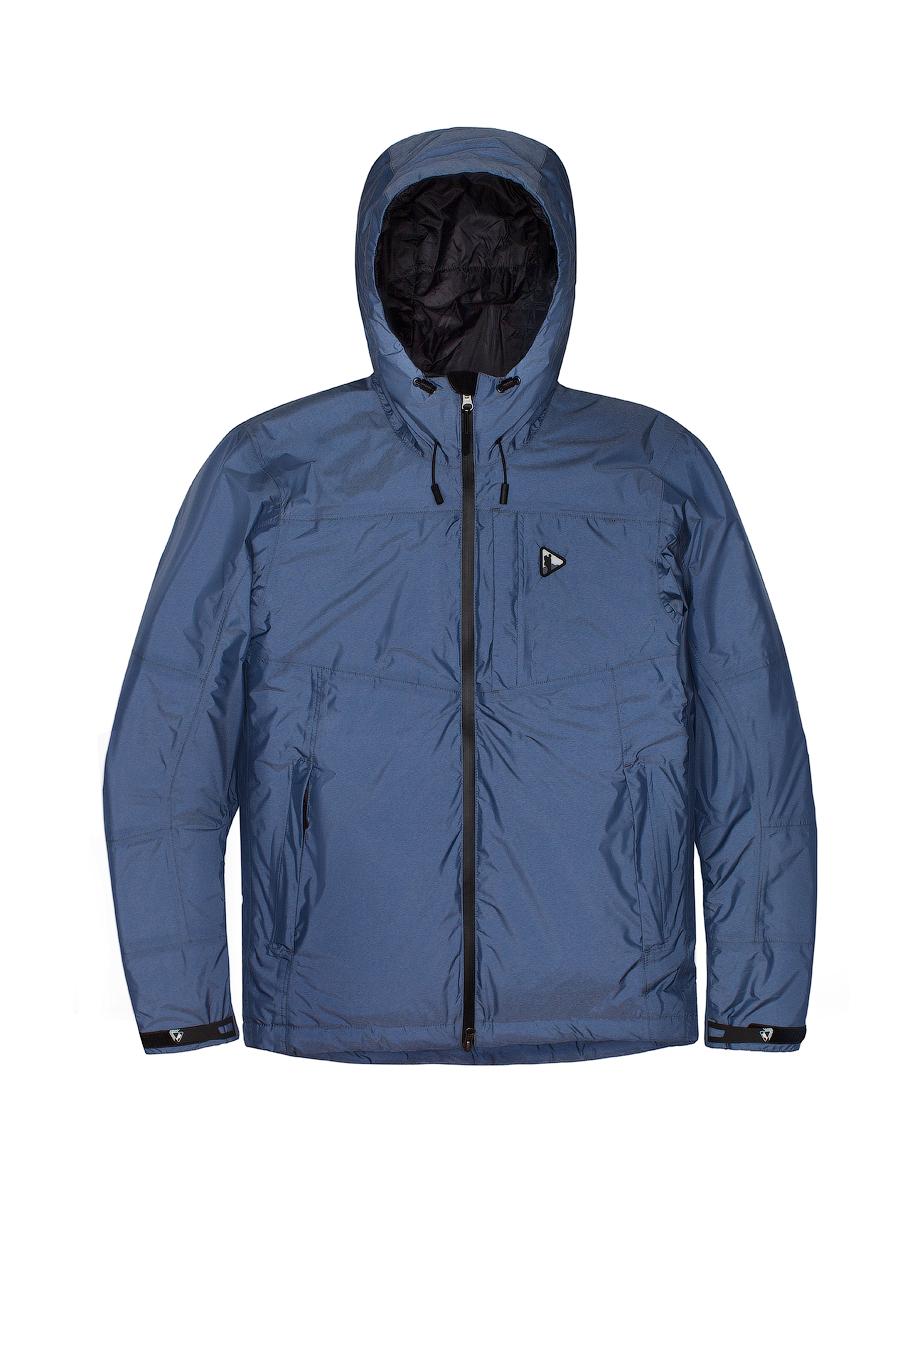 Куртка BASK GILGIT 3794Куртки<br><br><br>Верхняя ткань: Gelanots® 2L<br>Ветро-влагозащитные свойства верхней ткани: Да<br>Ветрозащитная планка: Да<br>Ветрозащитная юбка: Нет<br>Влагозащитные молнии: Да<br>Внутренние манжеты: Нет<br>Внутренняя ткань: Advance® Classic<br>Водонепроницаемость: 20000<br>Дублирующий центральную молнию клапан: Нет<br>Защитный козырёк капюшона: Нет<br>Капюшон: Несъемный<br>Карман для средств связи: Нет<br>Количество внешних карманов: 3<br>Количество внутренних карманов: 2<br>Мембрана: Gelanots®<br>Объемный крой локтевой зоны: Да<br>Отстёгивающиеся рукава: Нет<br>Паропроницаемость: 15000<br>Пол: Мужской<br>Проклейка швов: Да<br>Размеры: S - XXL<br>Регулировка манжетов рукавов: Да<br>Регулировка низа: Да<br>Регулировка объёма капюшона: Да<br>Регулировка талии: Да<br>Регулируемые вентиляционные отверстия: Нет<br>Световозвращающая лента: Нет<br>Температурный режим: -15<br>Технология Thermal Welding: Нет<br>Технология швов: Проклеены<br>Тип молнии: Двухзамковая влагостойкая<br>Тип утеплителя: Синтетический<br>Ткань усиления: нет<br>Усиление контактных зон: Нет<br>Утеплитель: Shelter®Sport<br>Размер INT: M<br>Цвет: КРАСНЫЙ